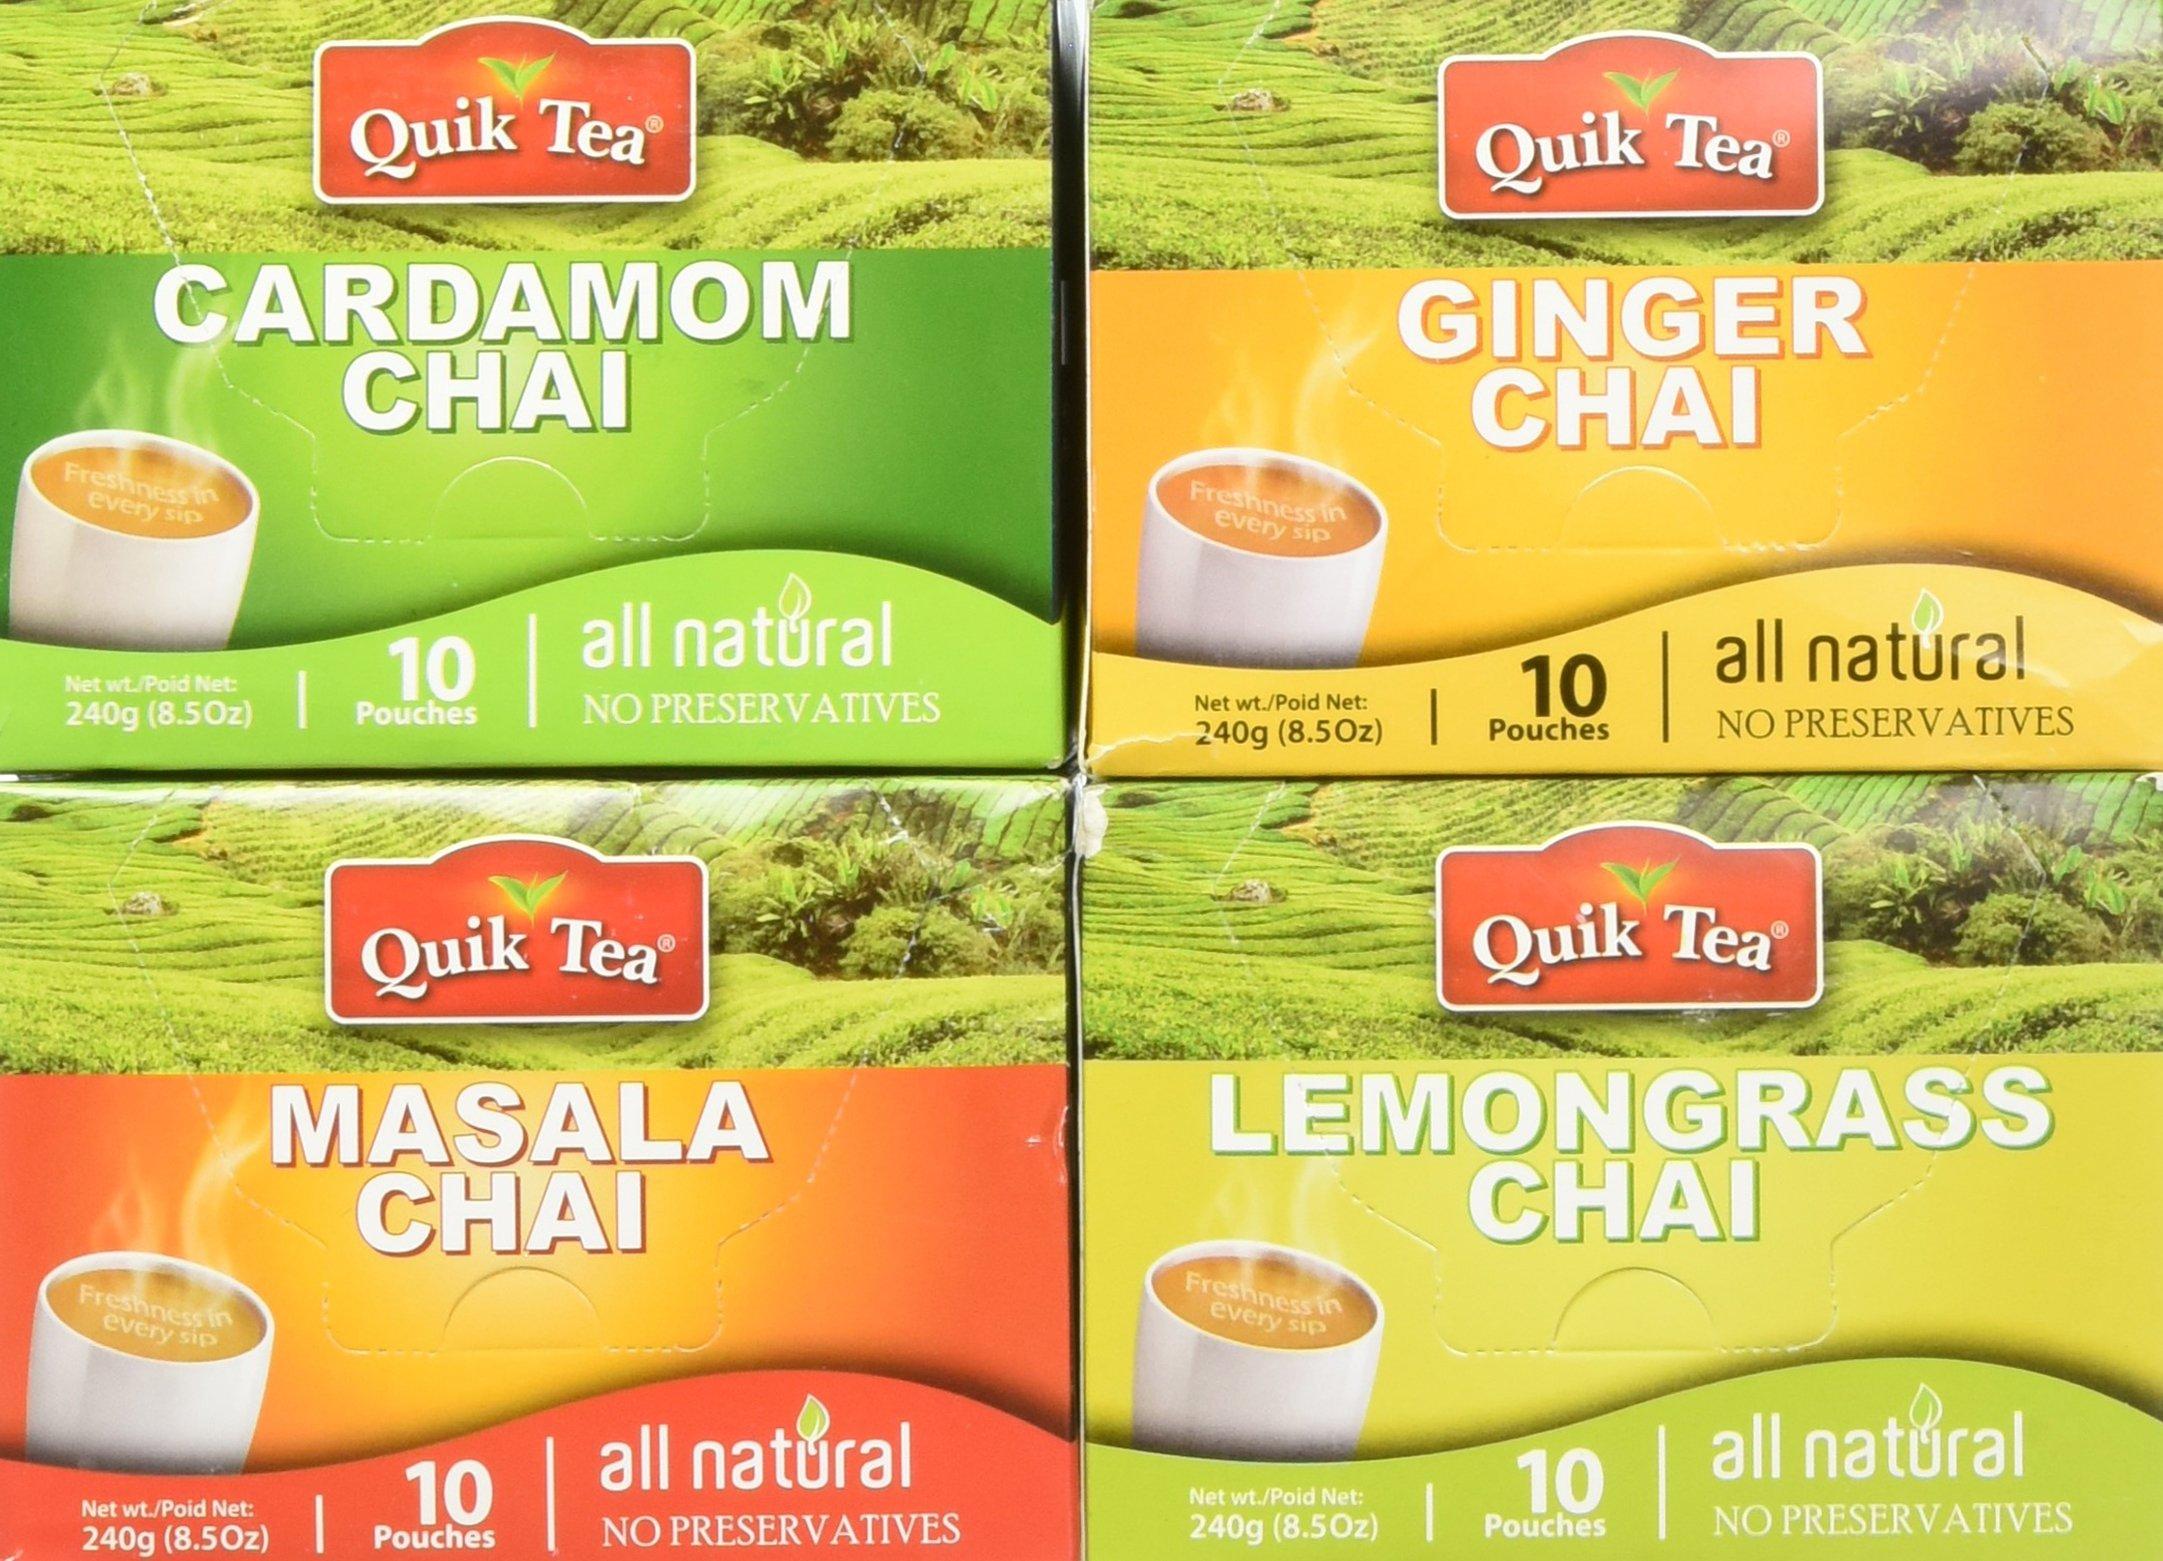 QuikTea Chai Tea Latte 4 Flavor Variety Pack, Cardamom/Masala/Ginger/Lemongrass, 960 Gram (Packaging May Vary)